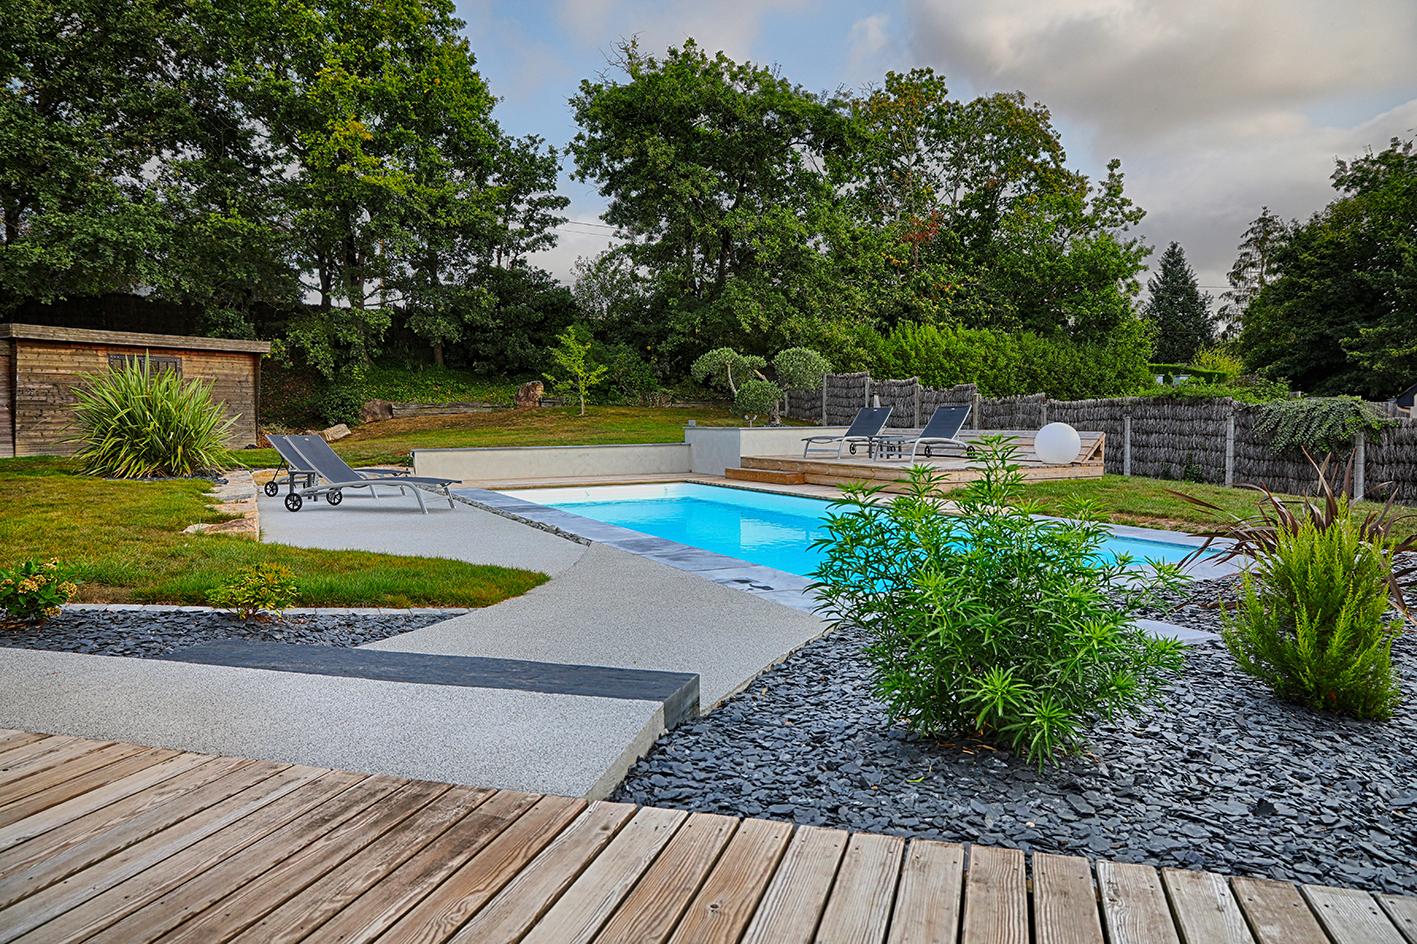 Aménagement abords de piscine solarium salon d été